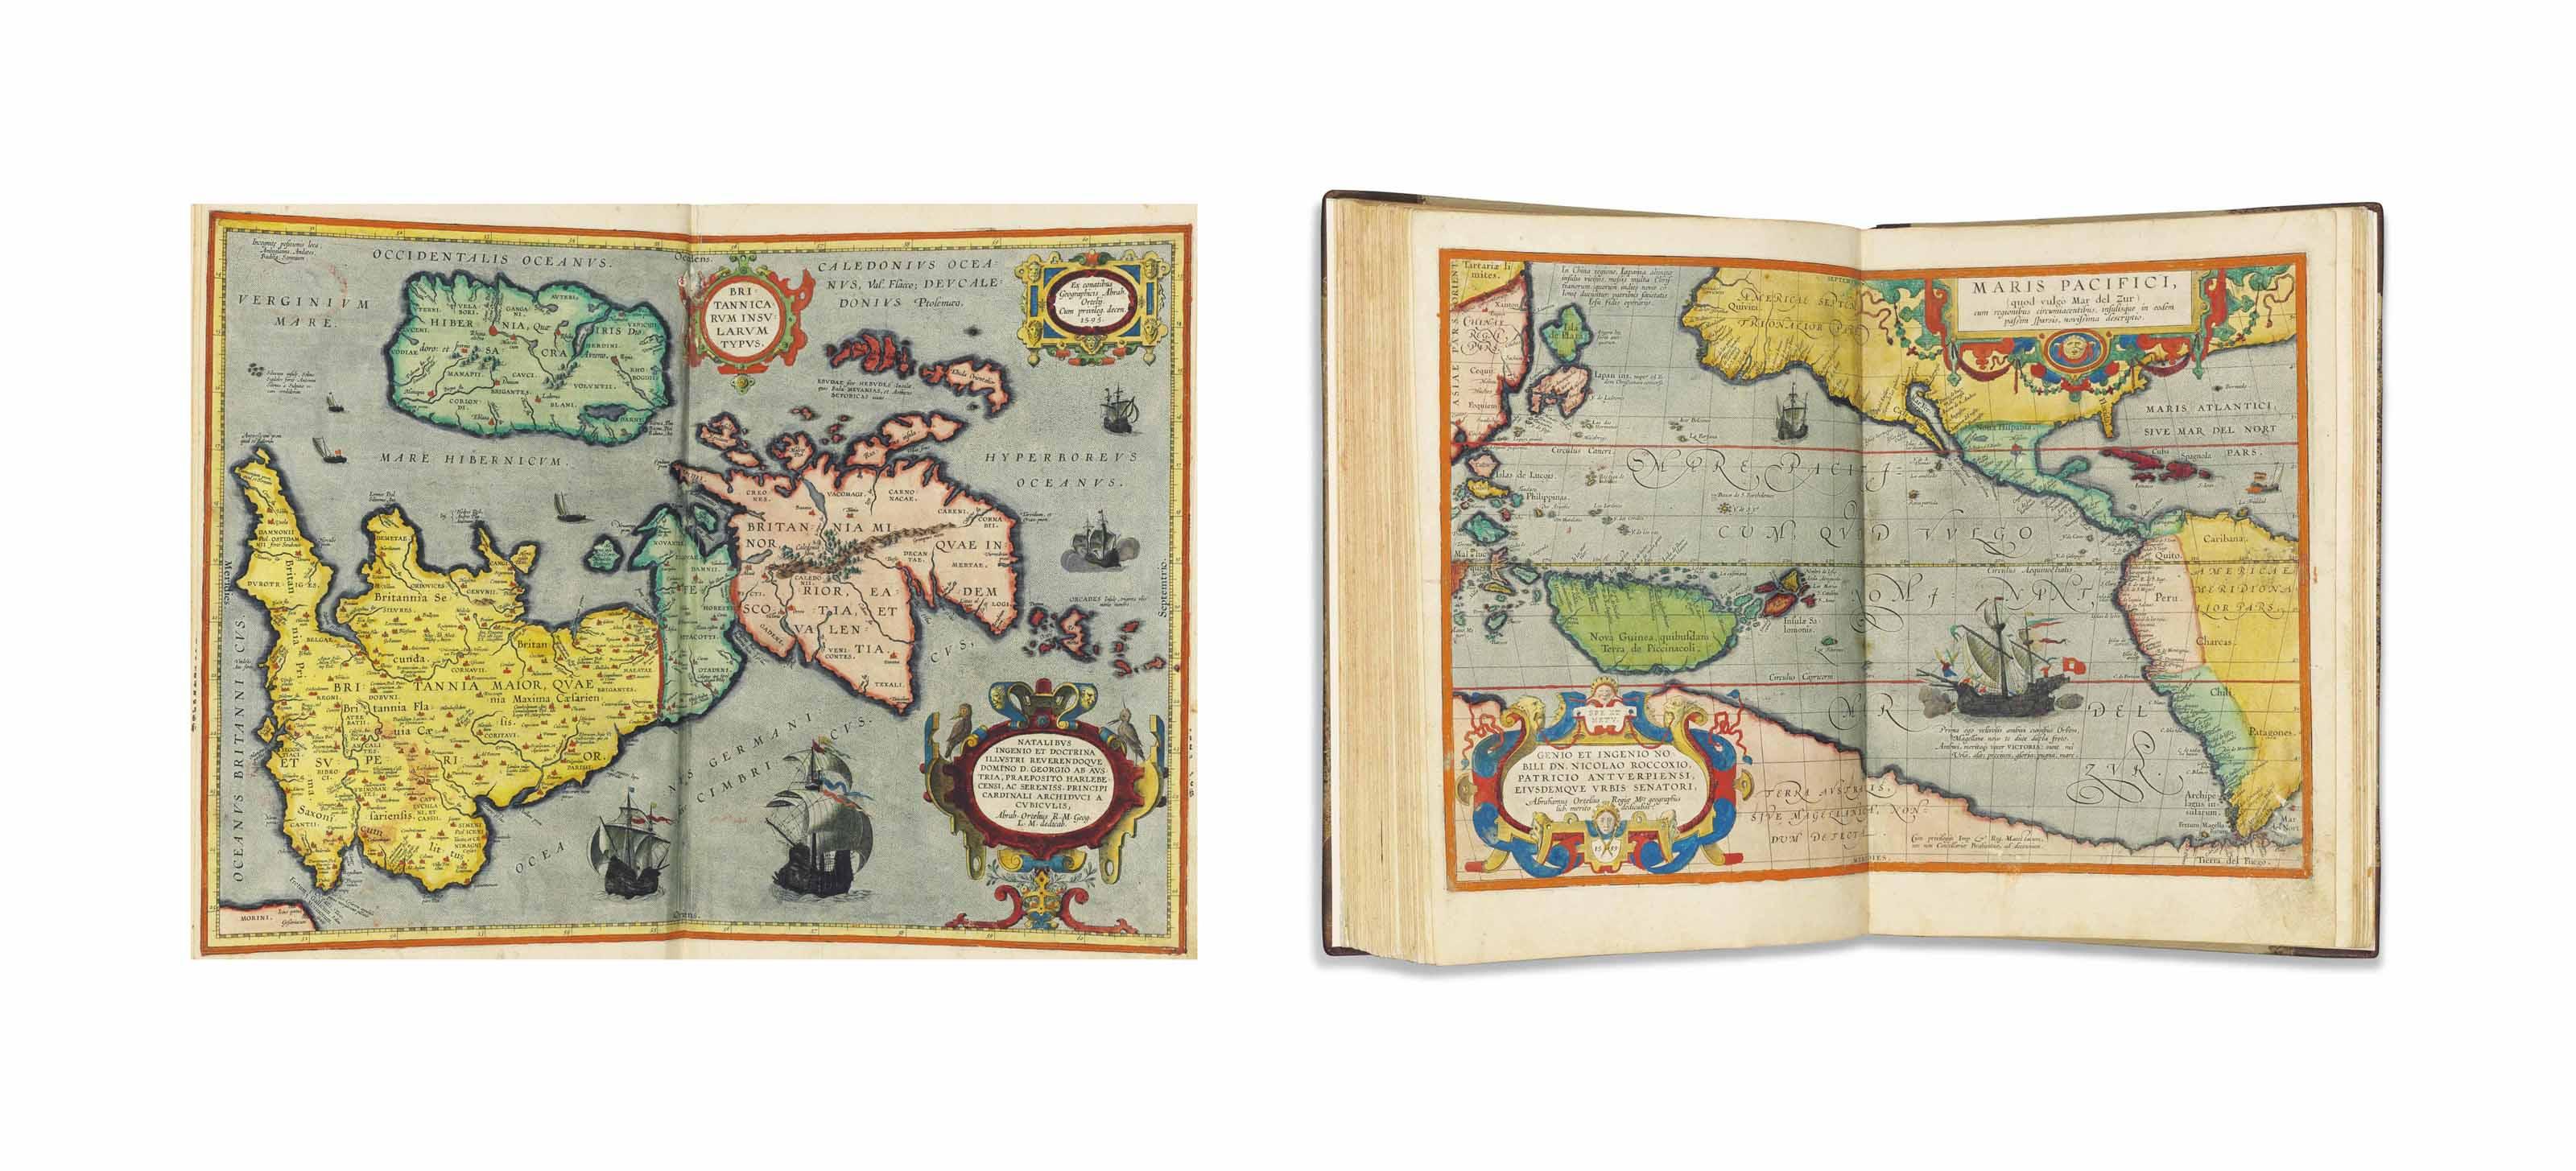 ORTELIUS, Abraham (1527-1598)